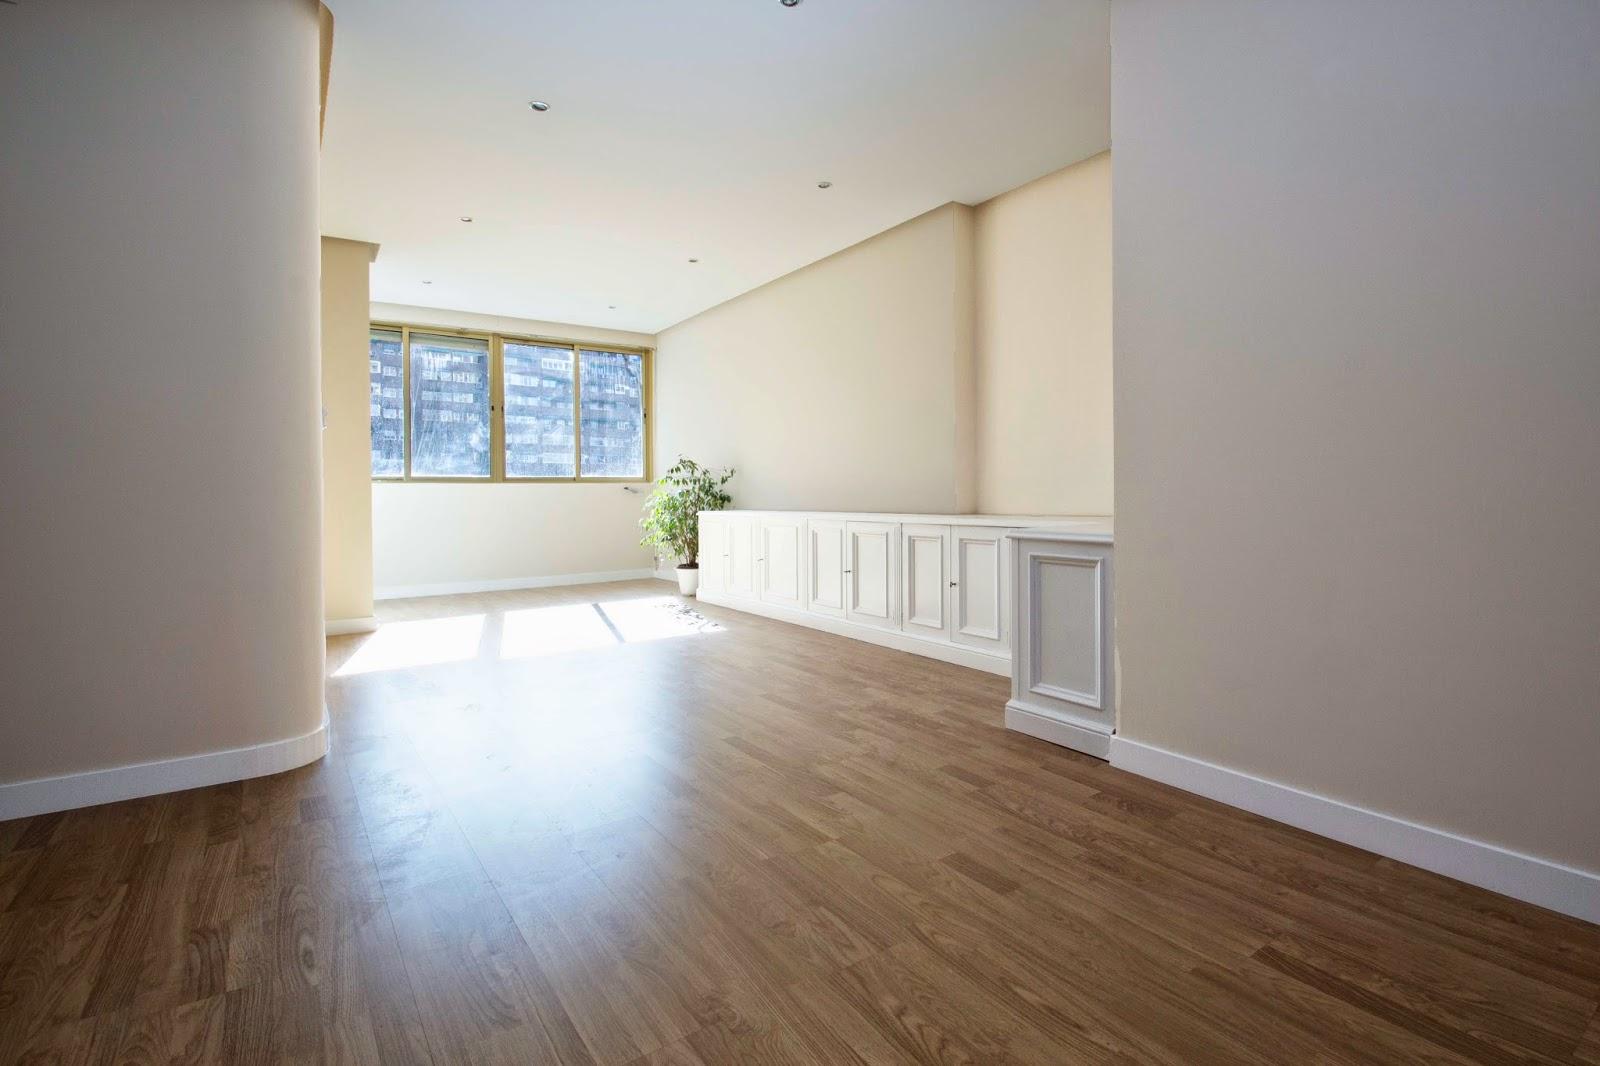 Cuanto cuesta una reforma integral de un piso de 70 metros gallery of gallery of reforma - Cuanto cuesta pintar un piso de 70 metros ...